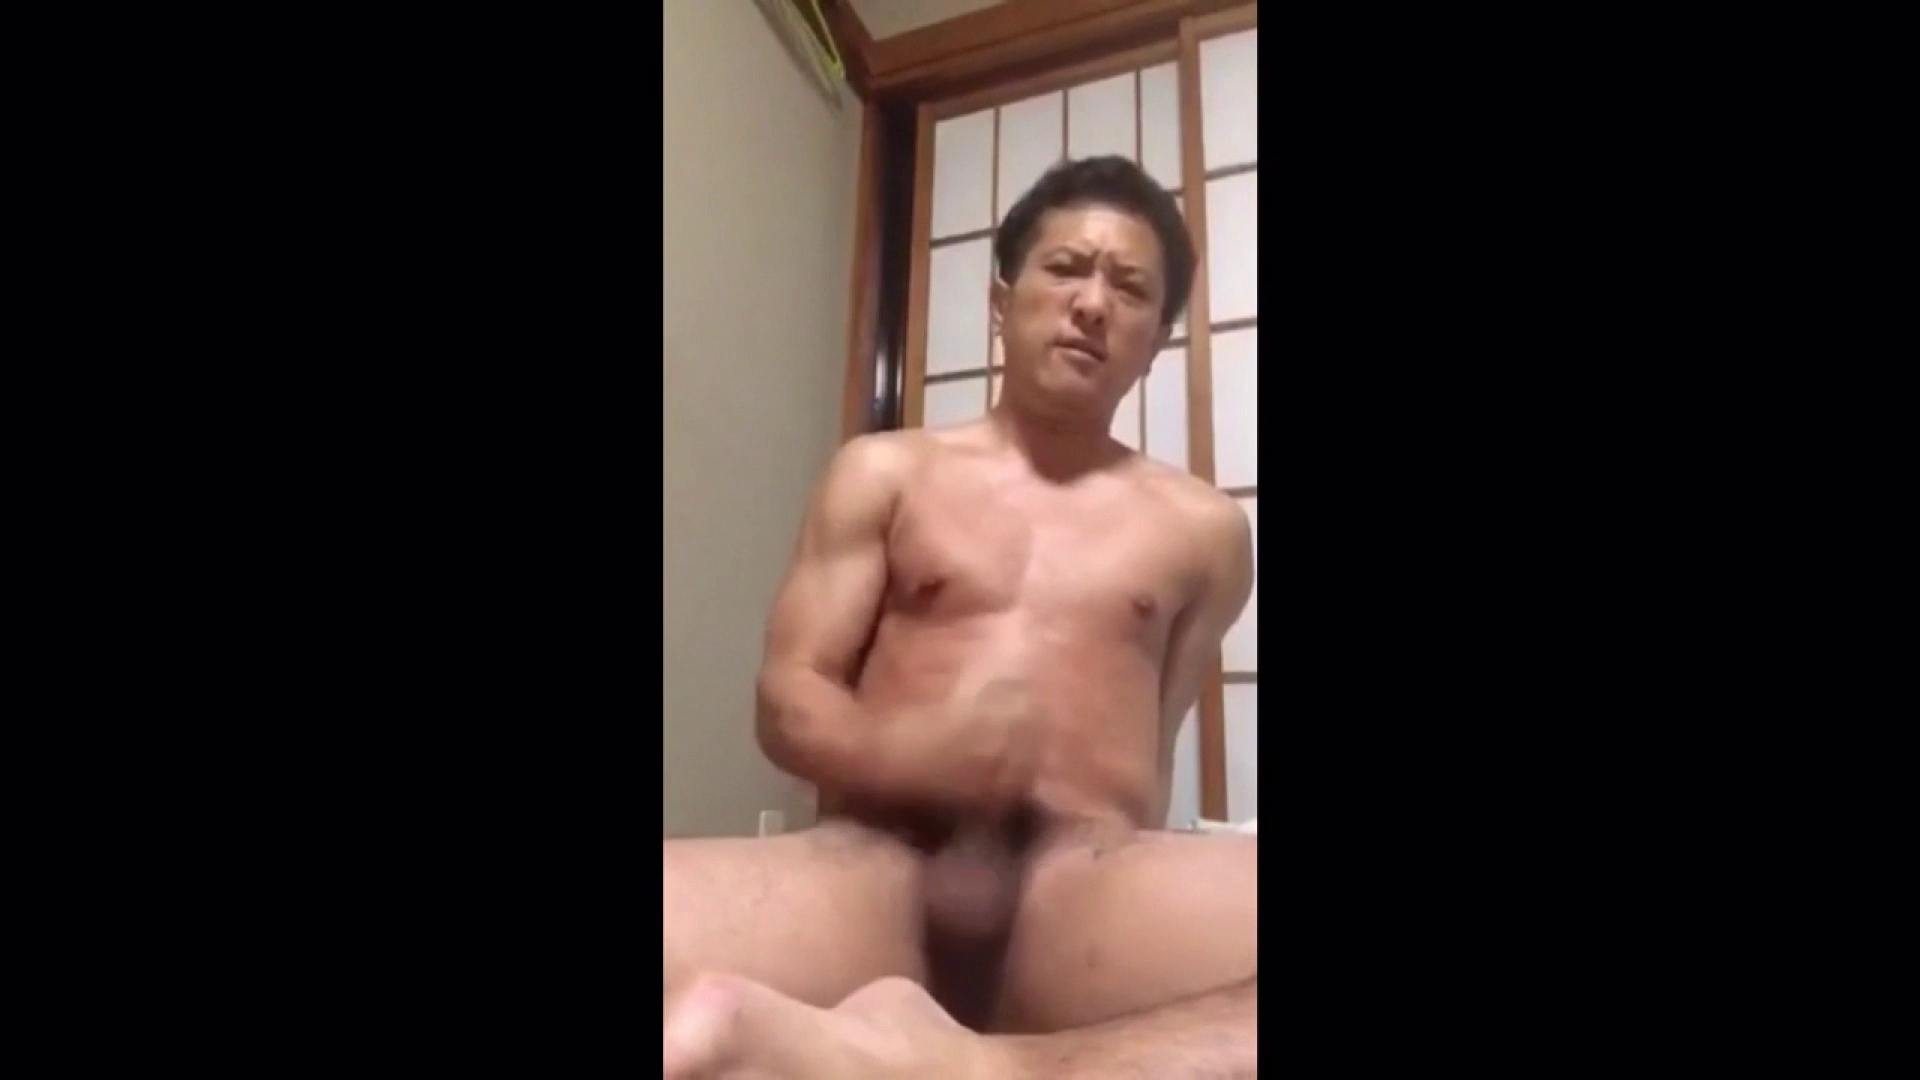 個人撮影 自慰の極意 Vol.25 手コキ ゲイ無料エロ画像 111pic 86